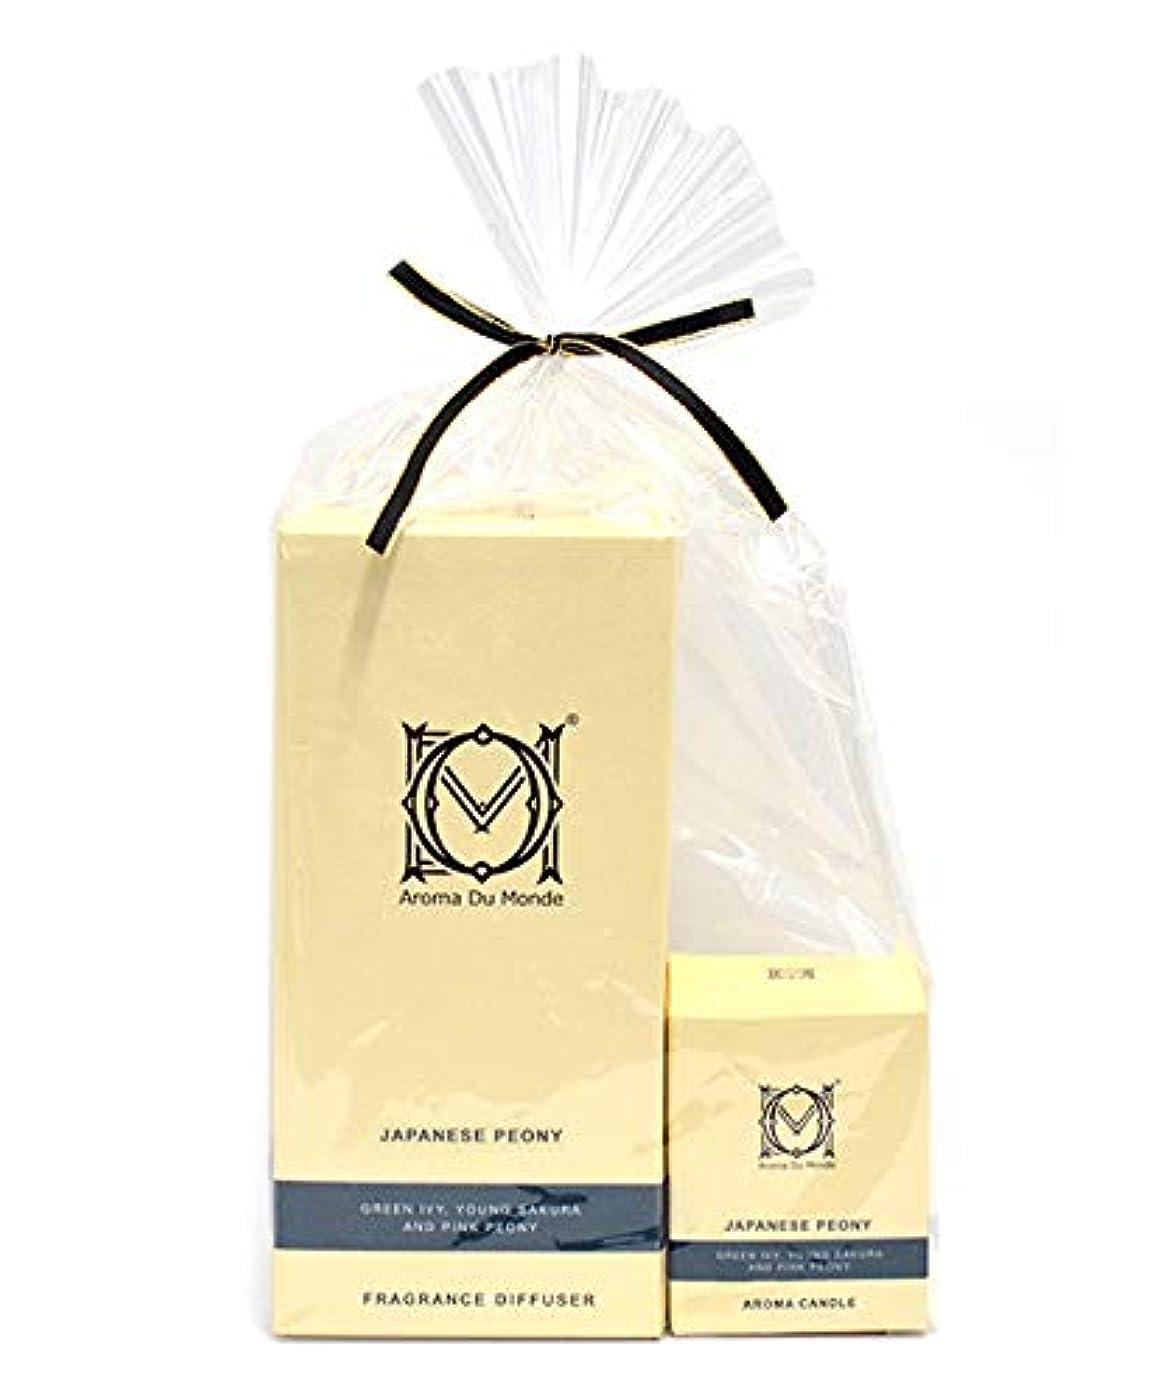 いつ箱滑りやすいフレグランスディフューザー&キャンドル JPピオニー セット Aroma Du Monde/ADM Fragrance Diffuser & Candle Japanese Peony Set 81158